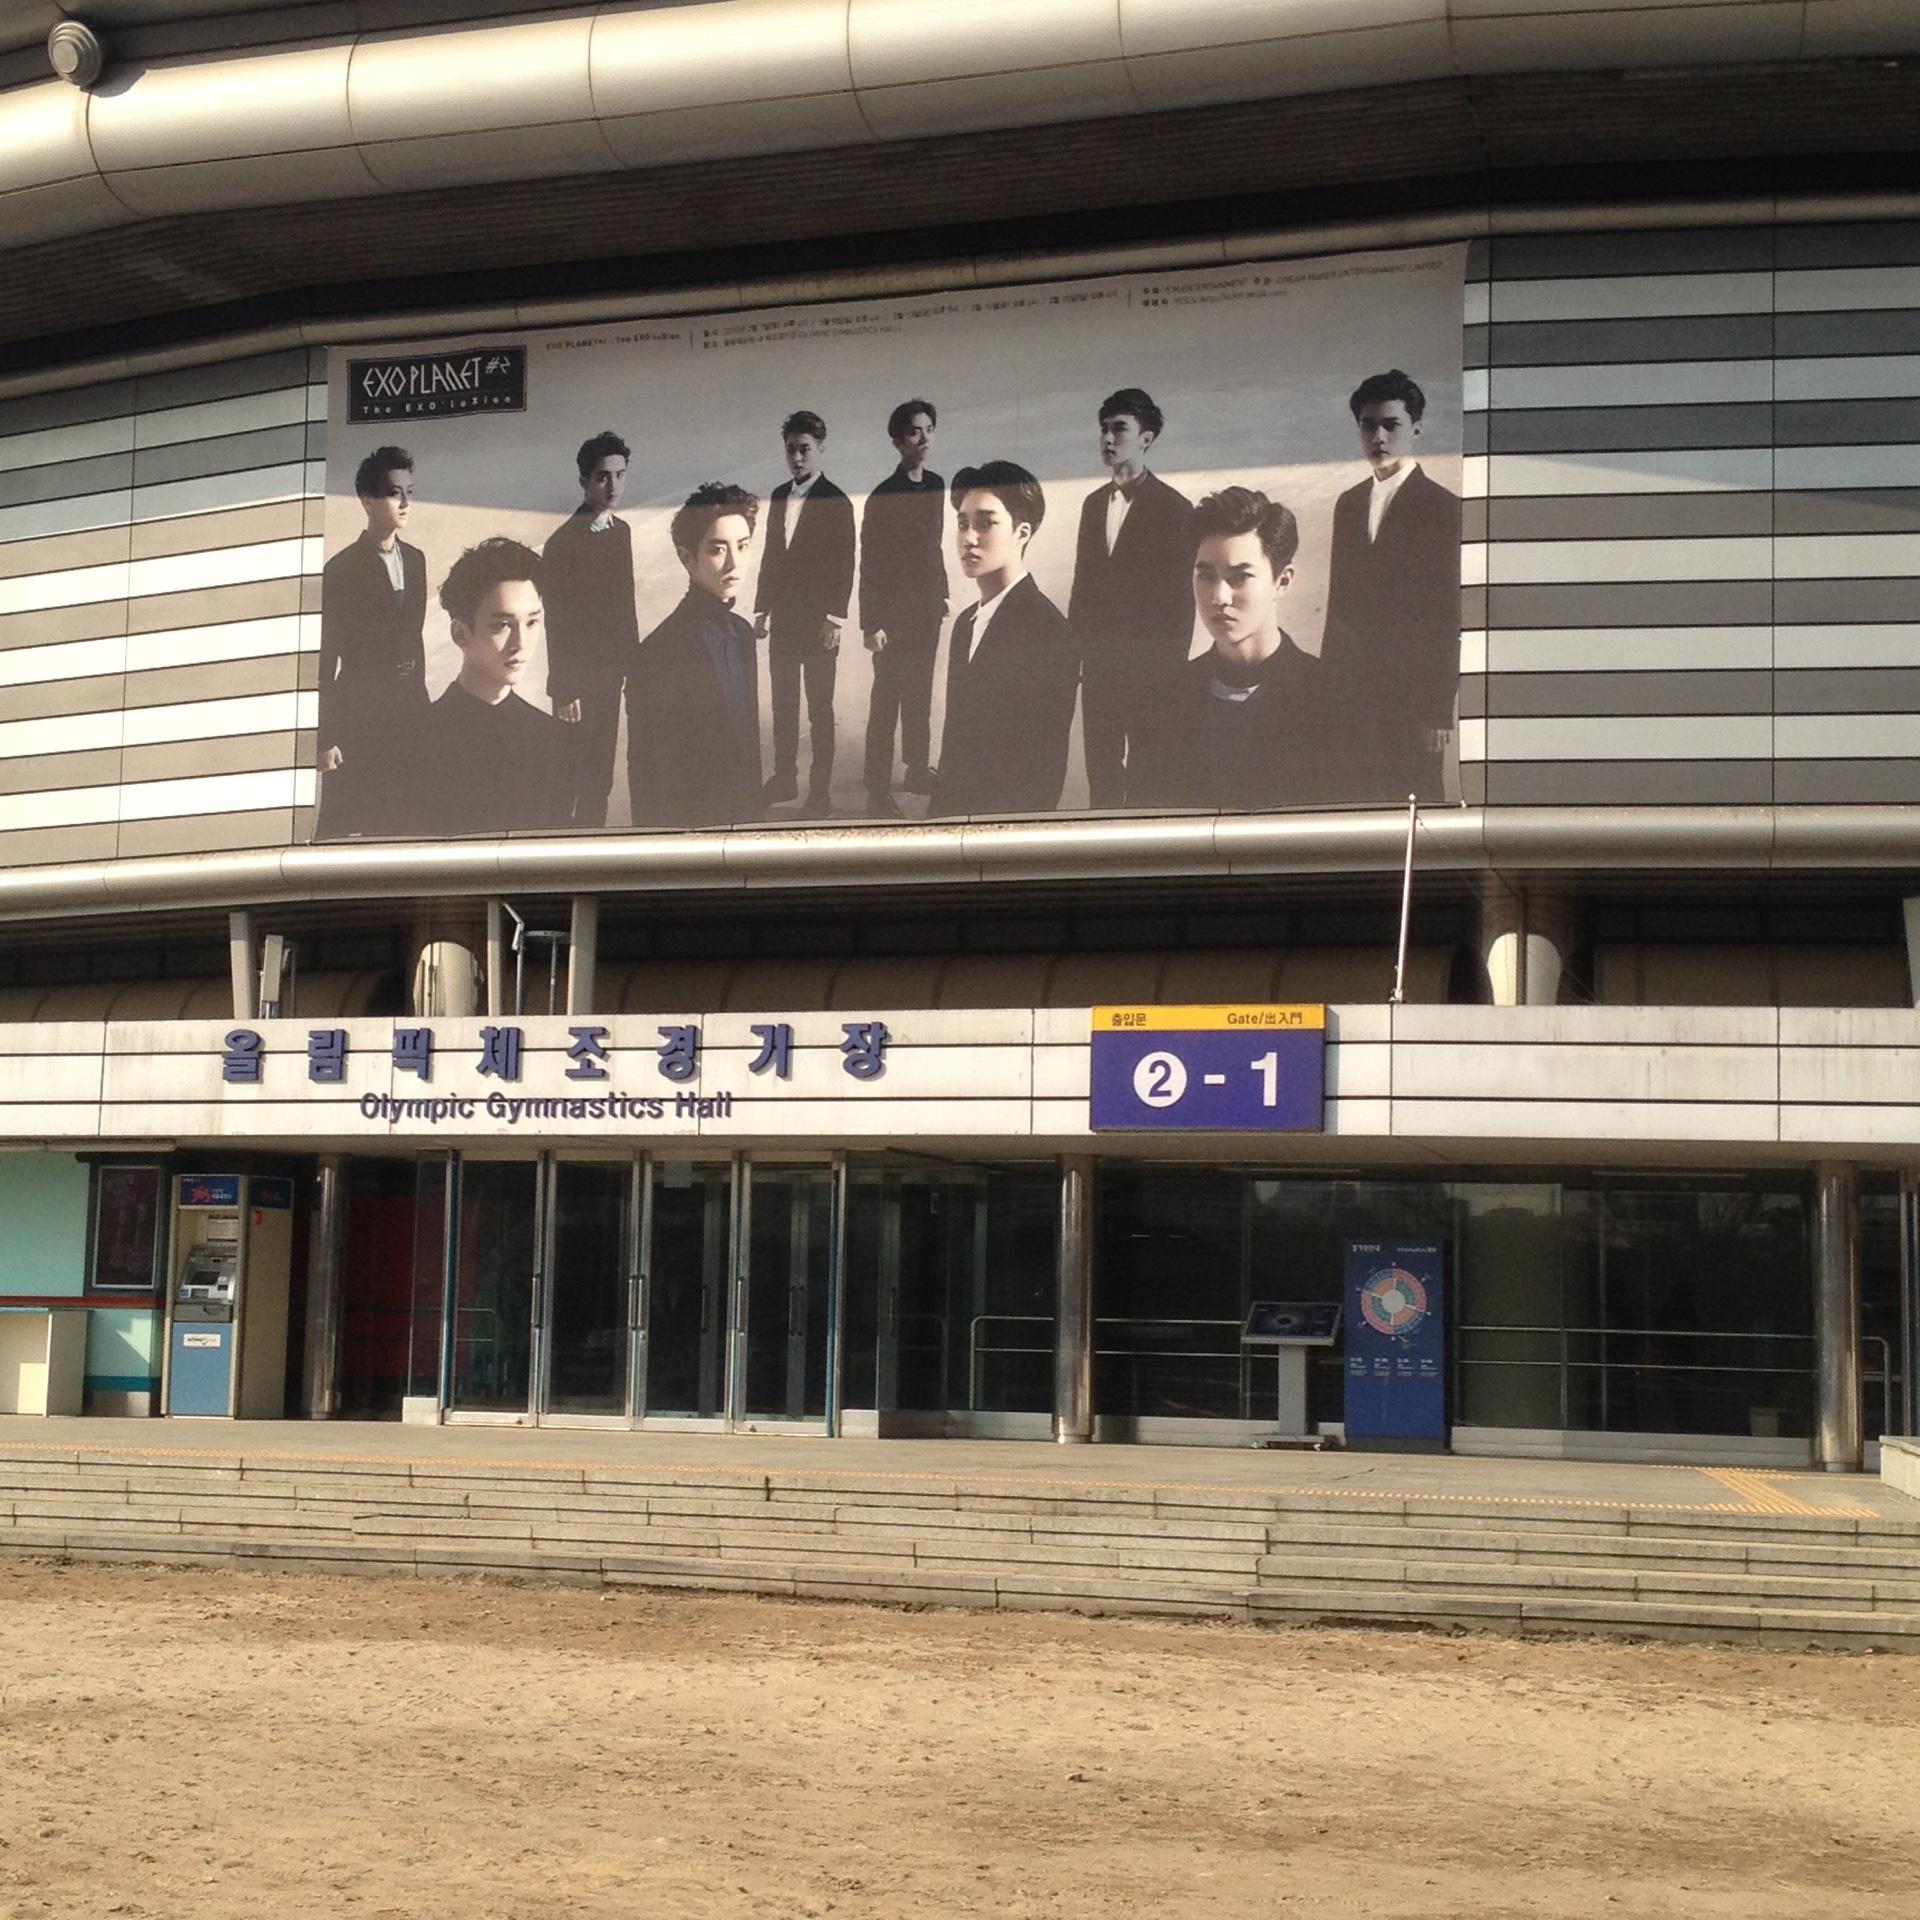 事發底點在奧林匹克公園附近,相信粉絲都知道這個「聖地」 只要是韓國演藝人有演唱會,奧林匹克公園絕對是最大要點!